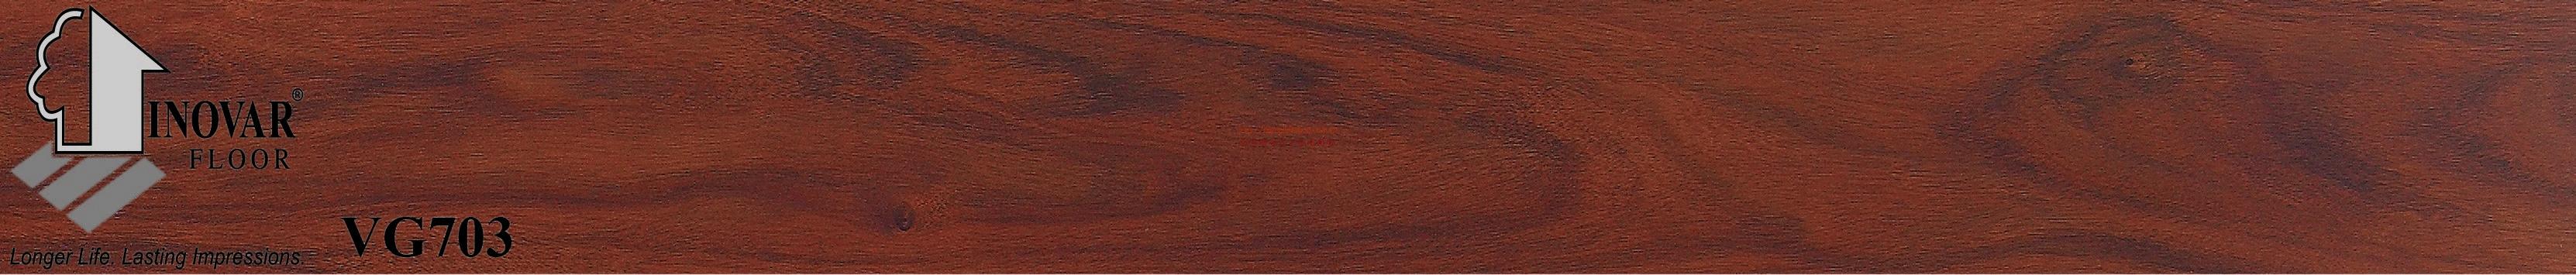 Sàn gỗ Inovar VG 703